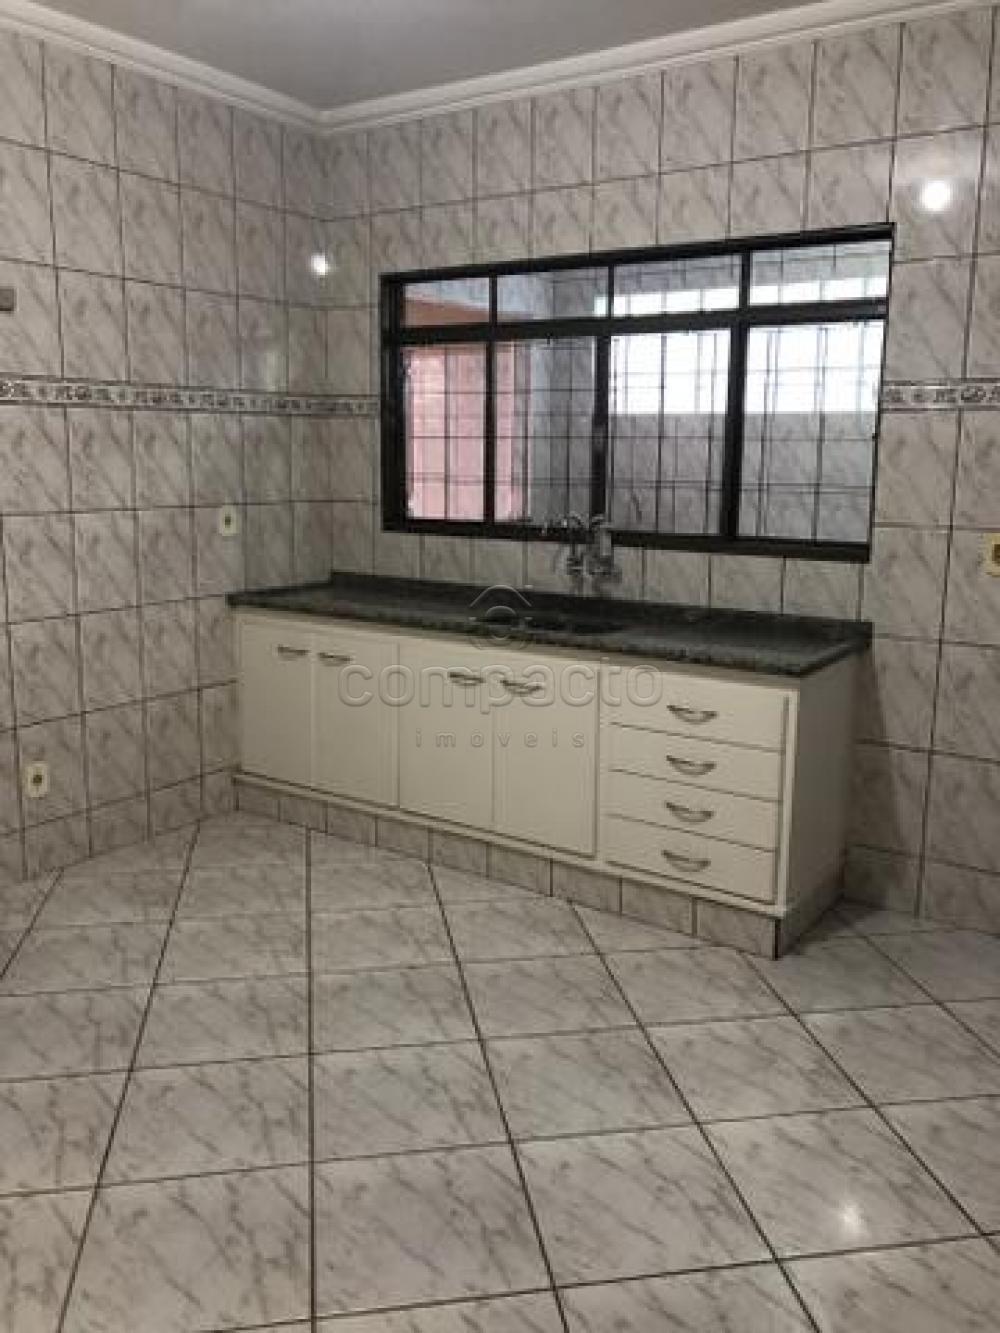 Comprar Casa / Padrão em Mirassol apenas R$ 275.000,00 - Foto 6